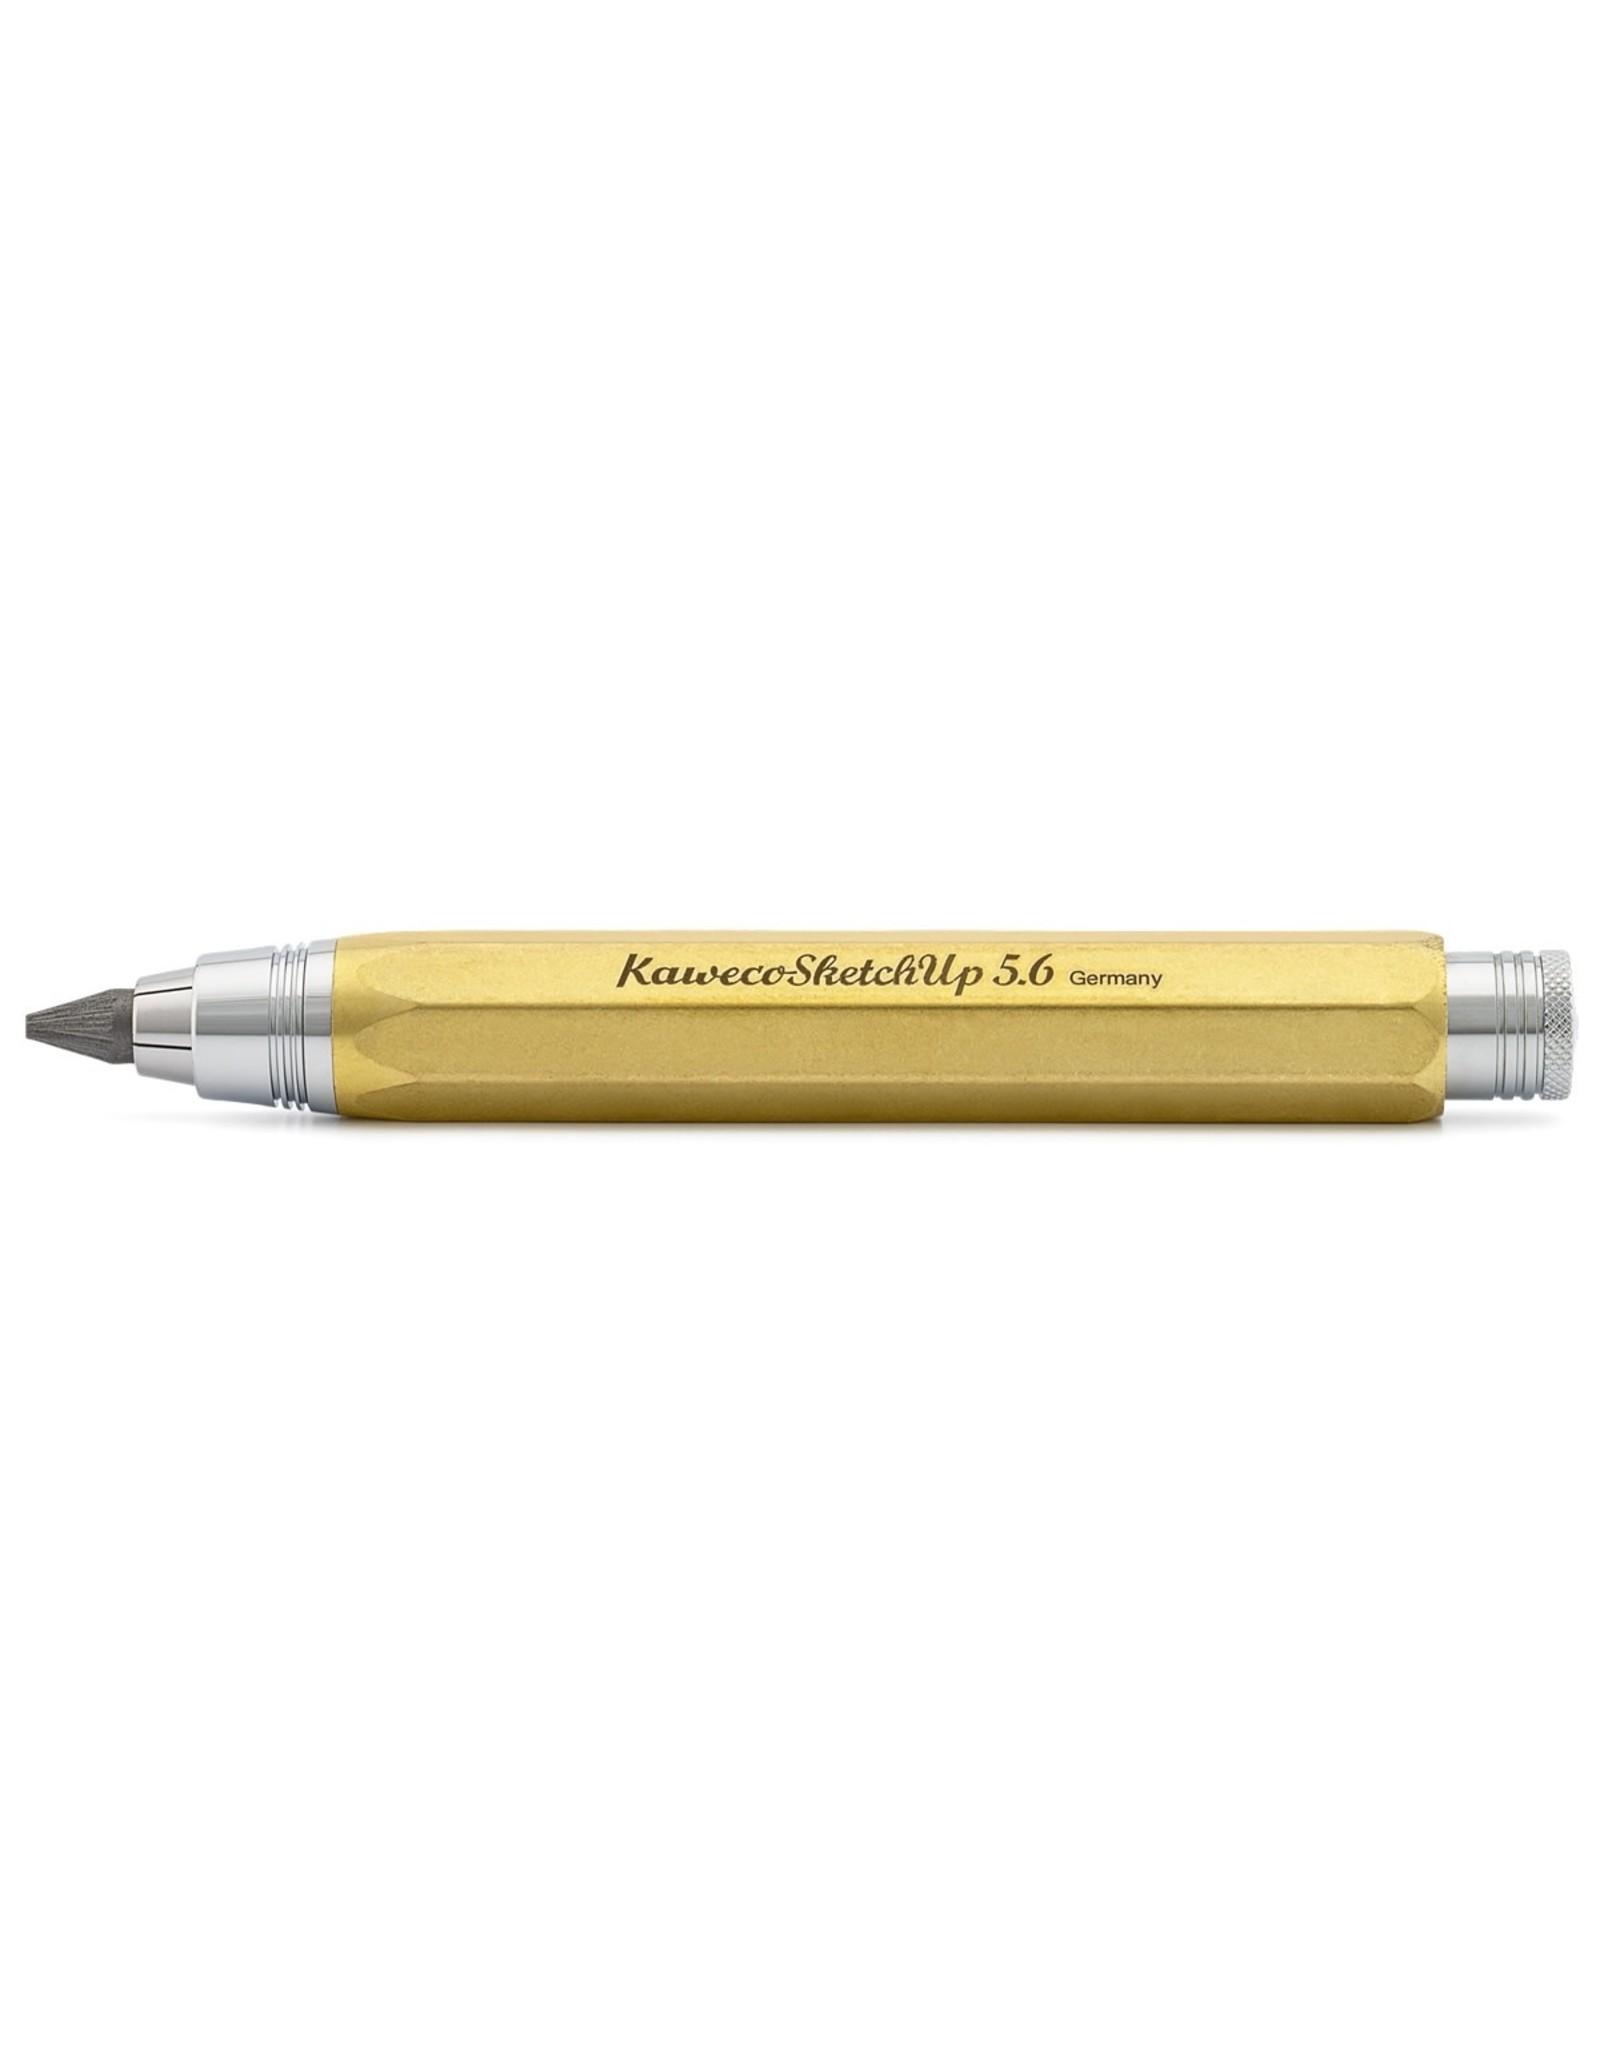 Kaweco Kaweco | Sketch Up | Pencil 5.6mm | Brass